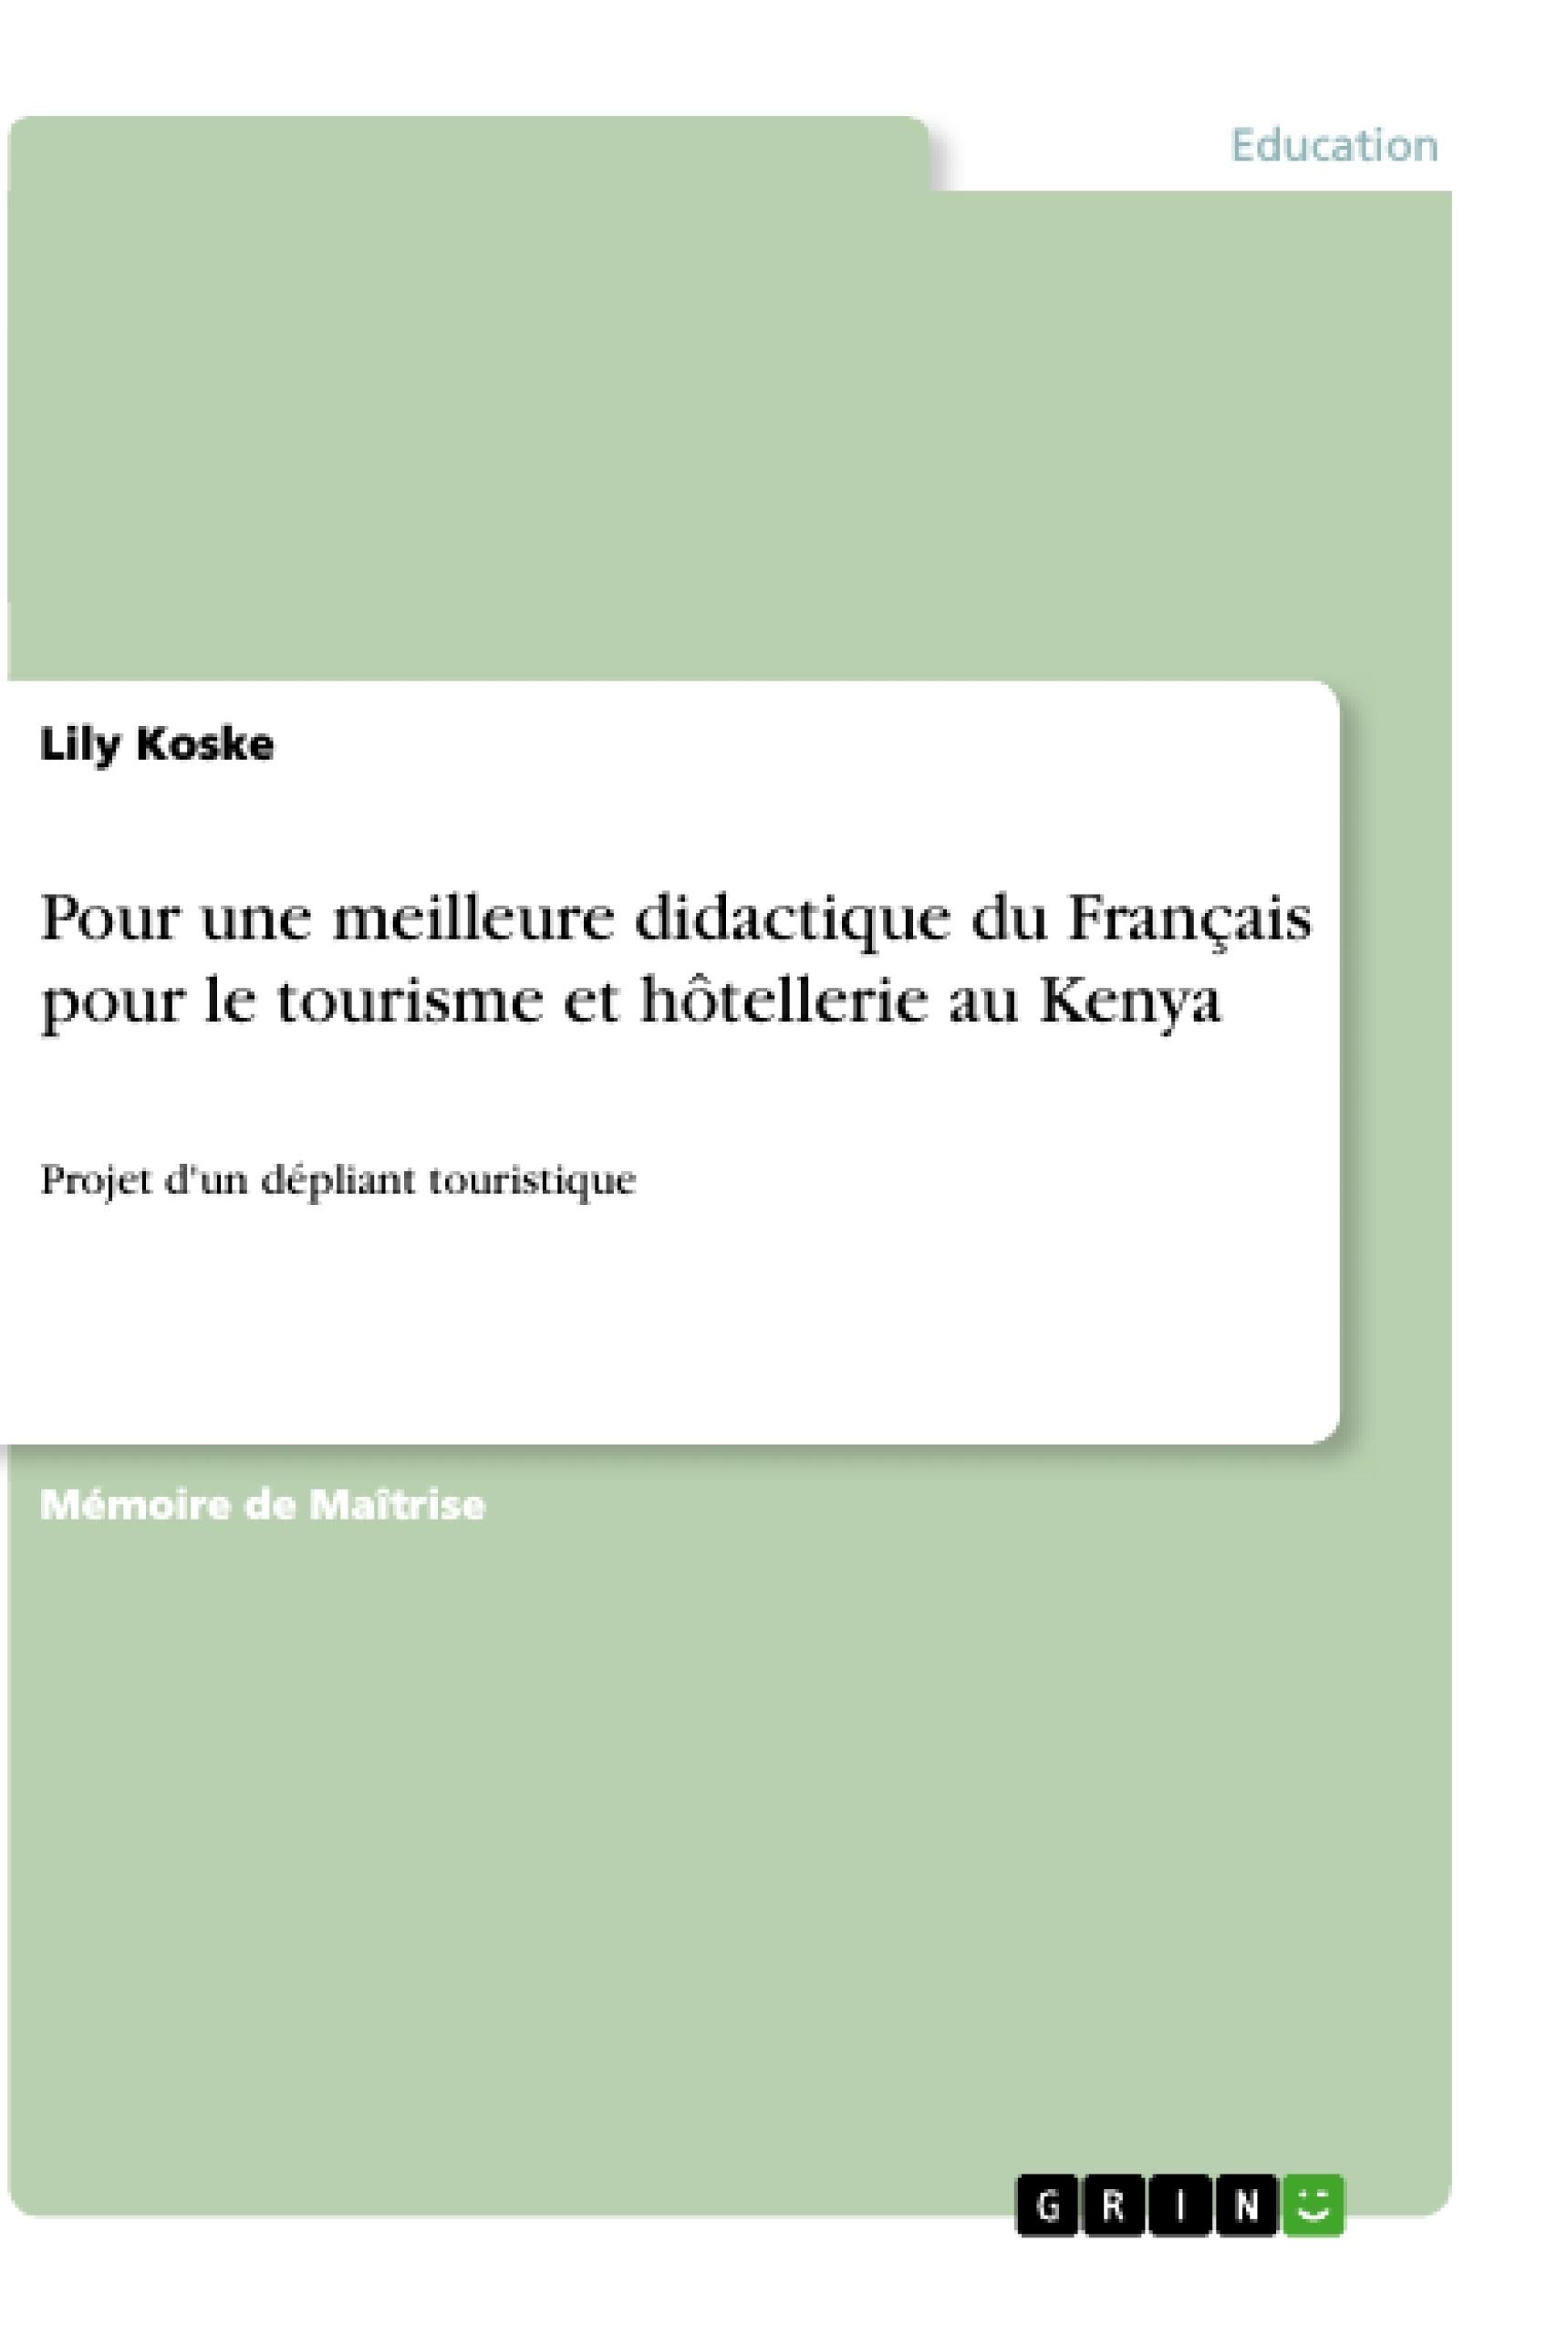 Titre: Pour une meilleure didactique du Français pour le tourisme et hôtellerie au Kenya